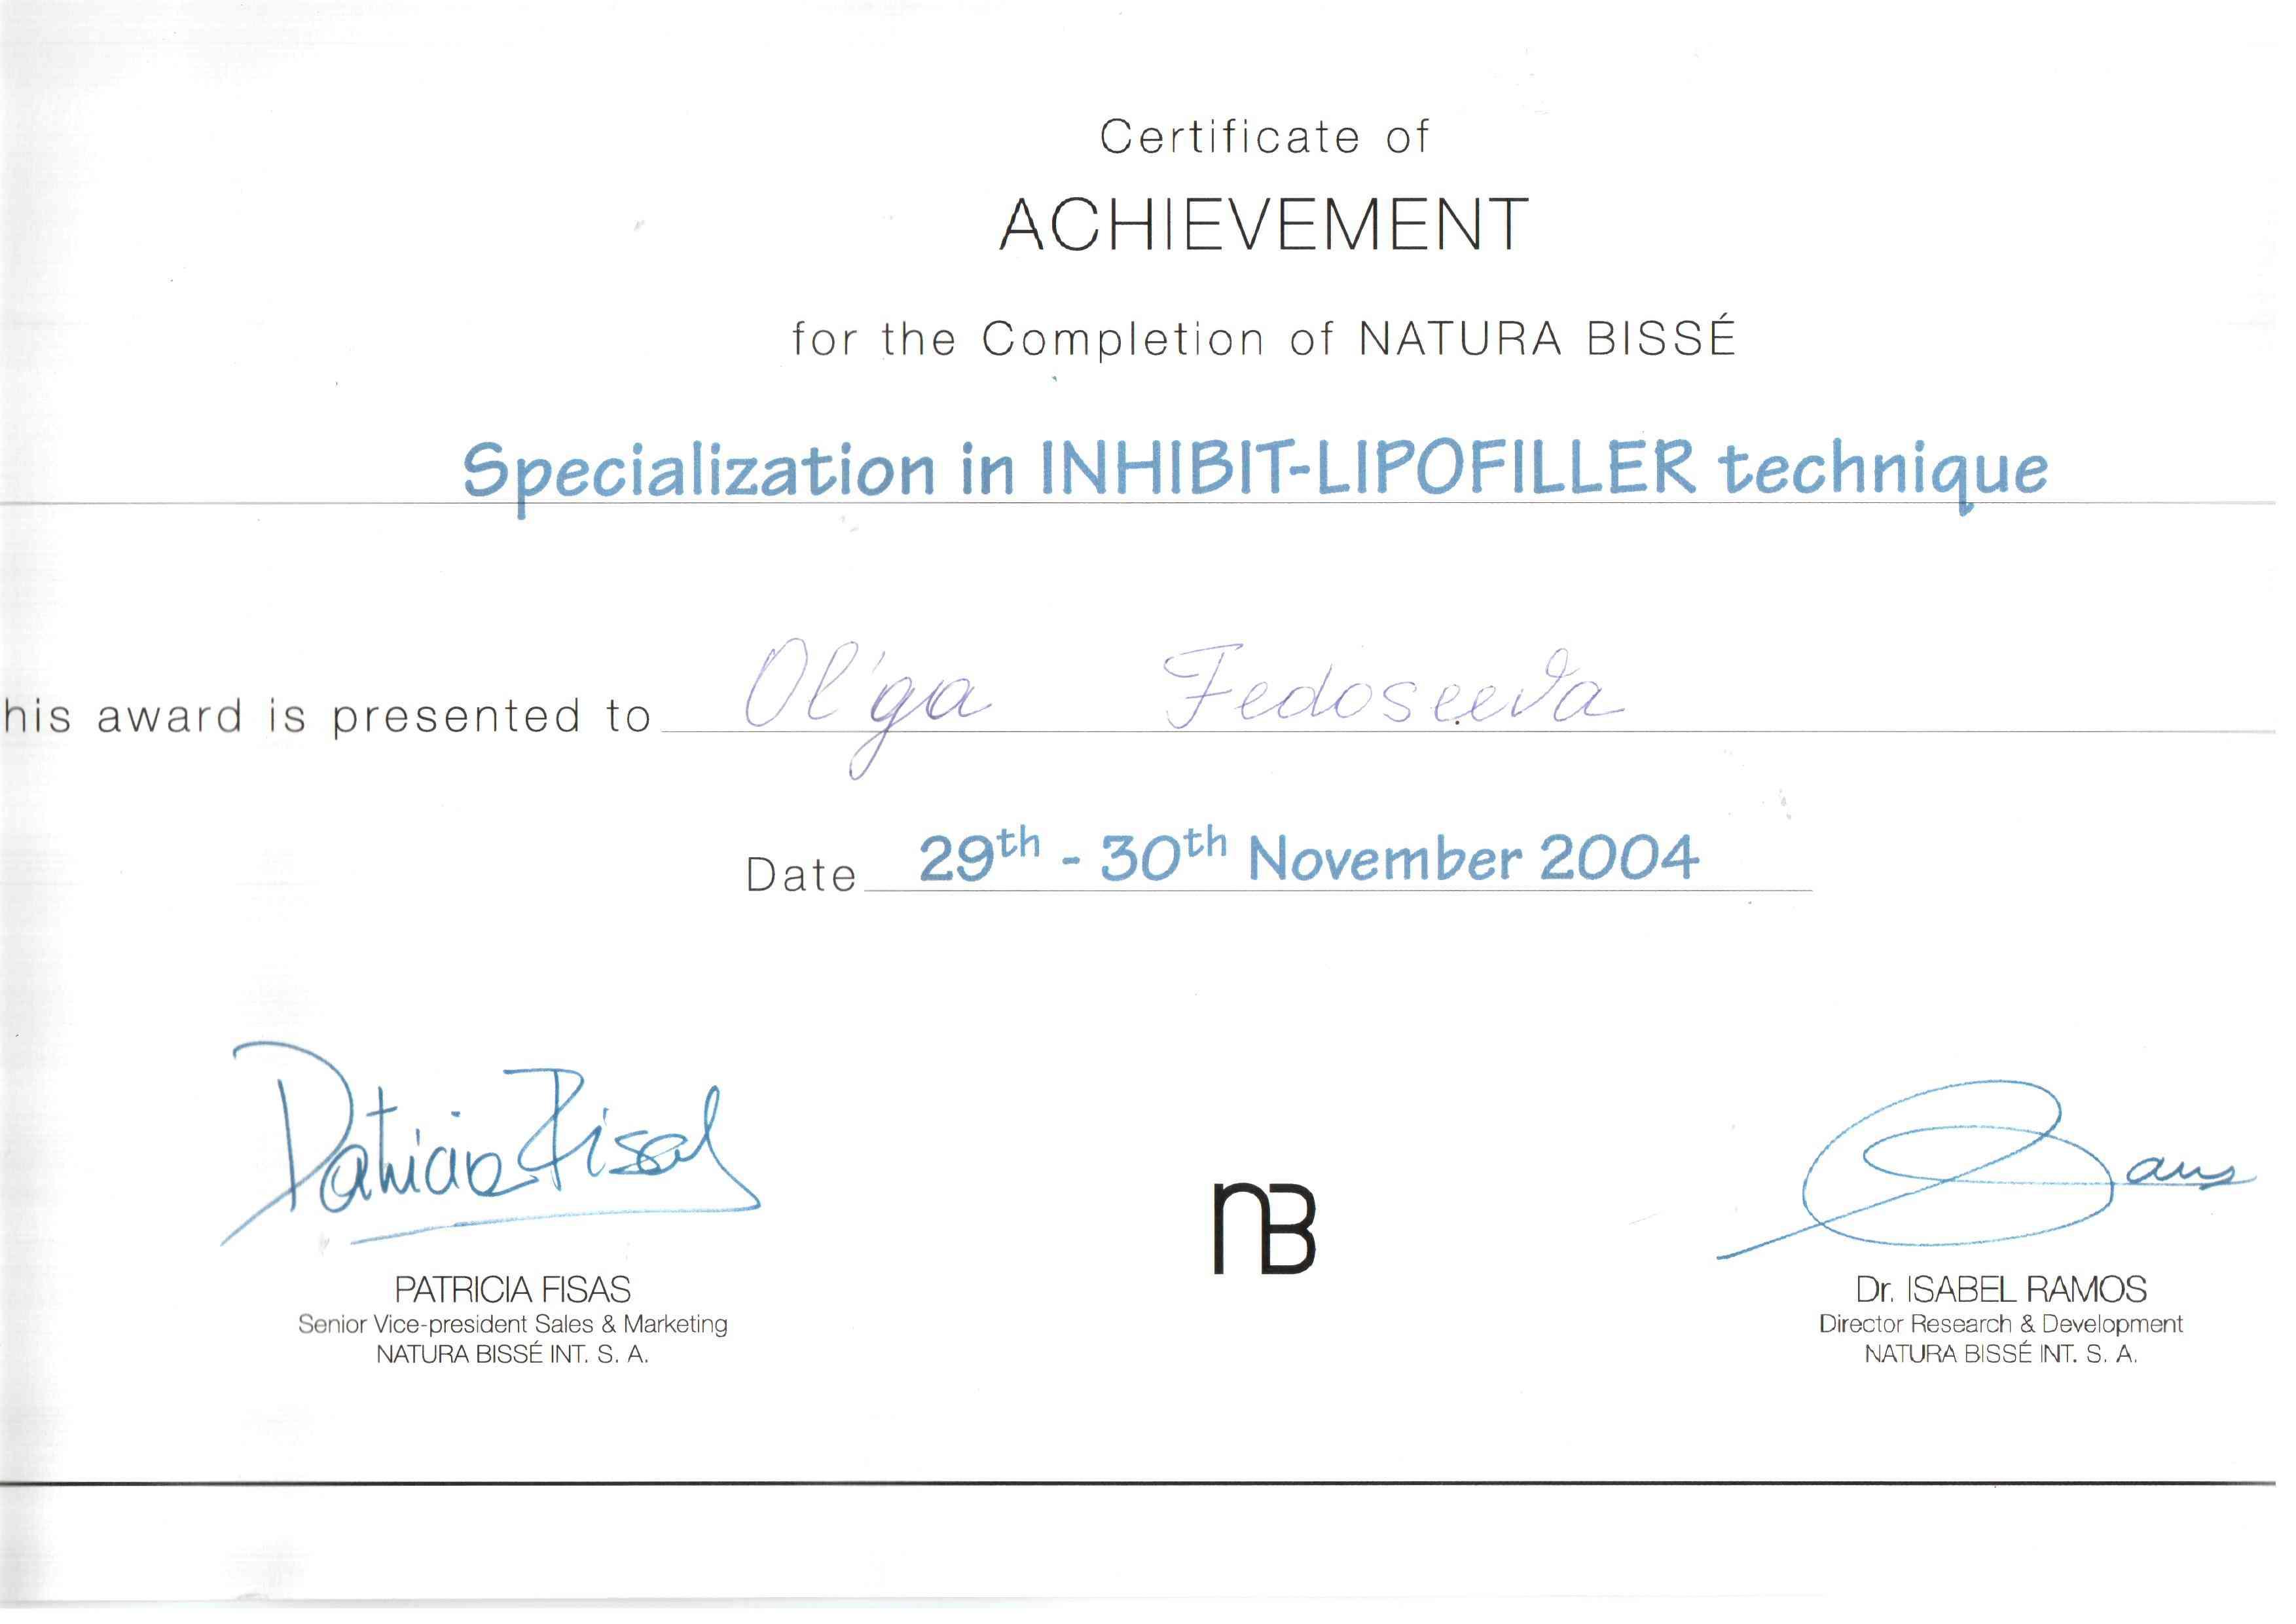 2004 lipofiller